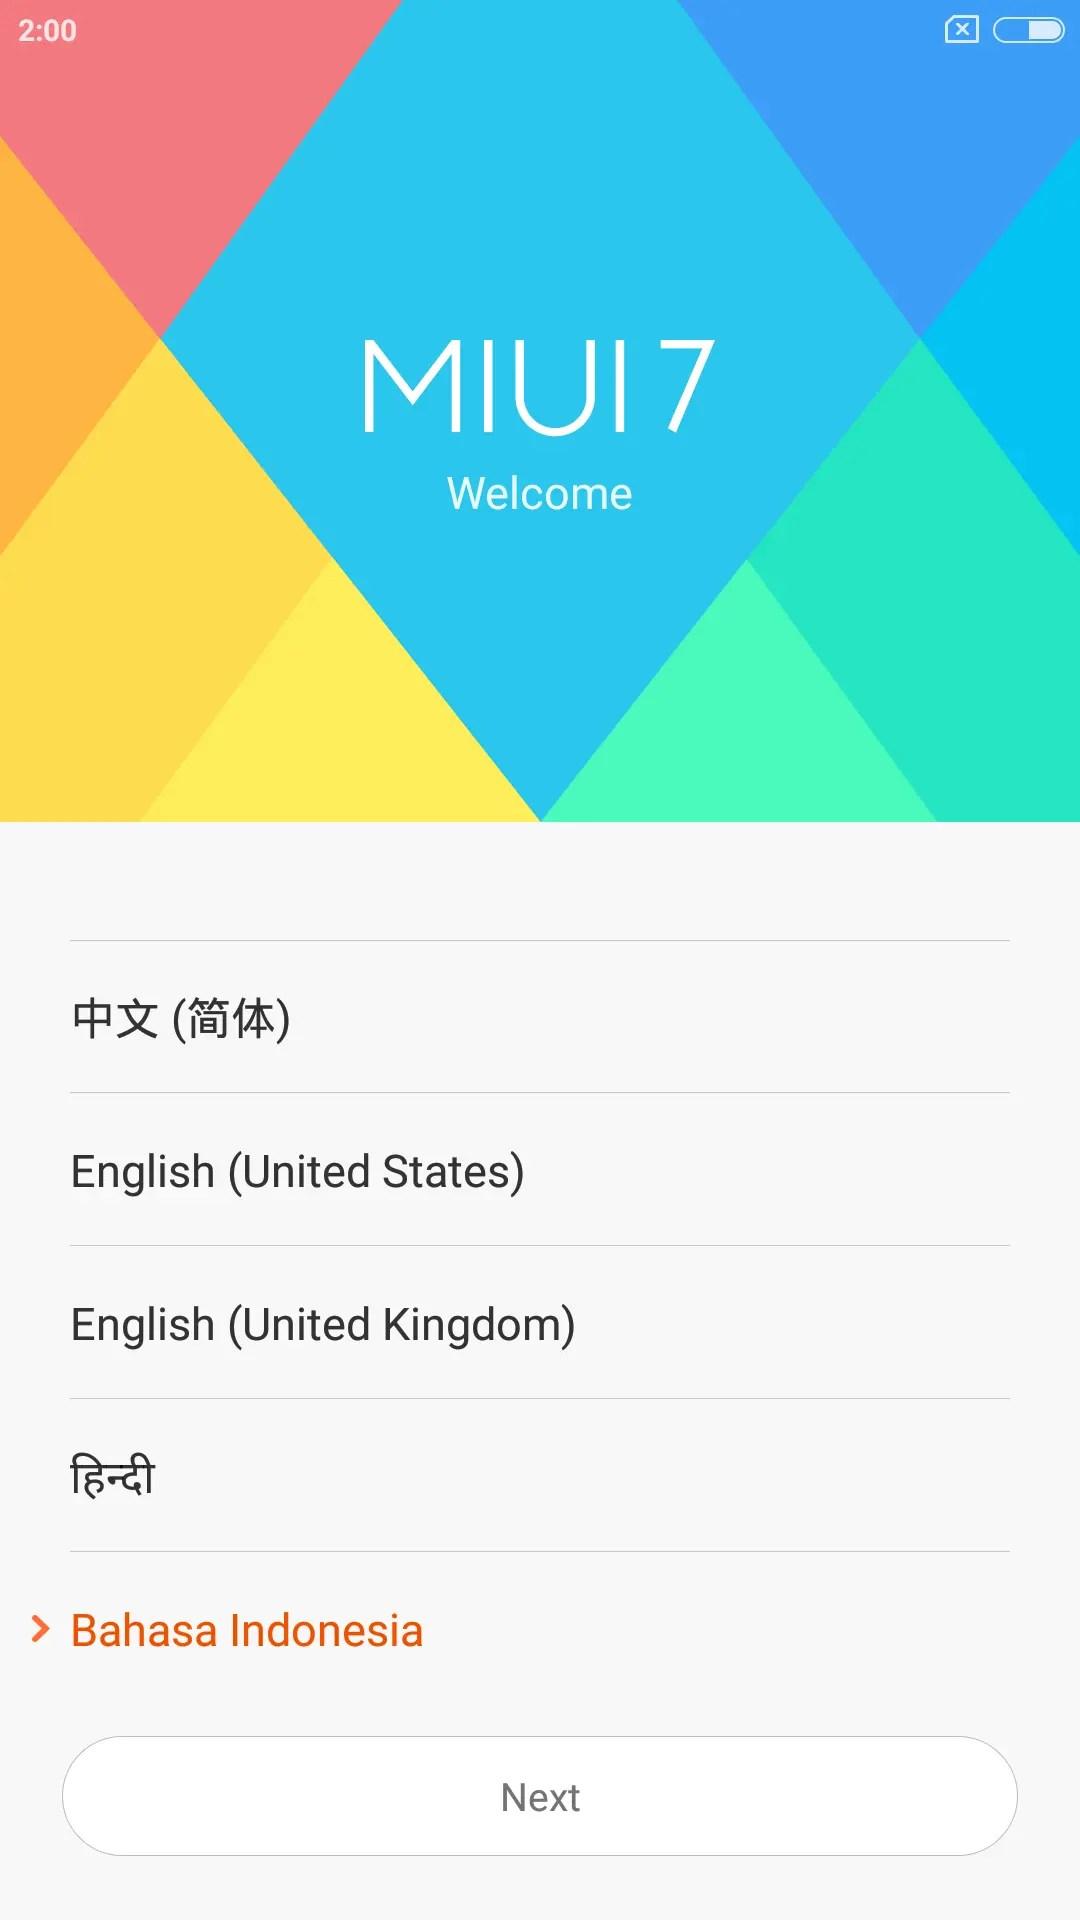 日本語が最初からある